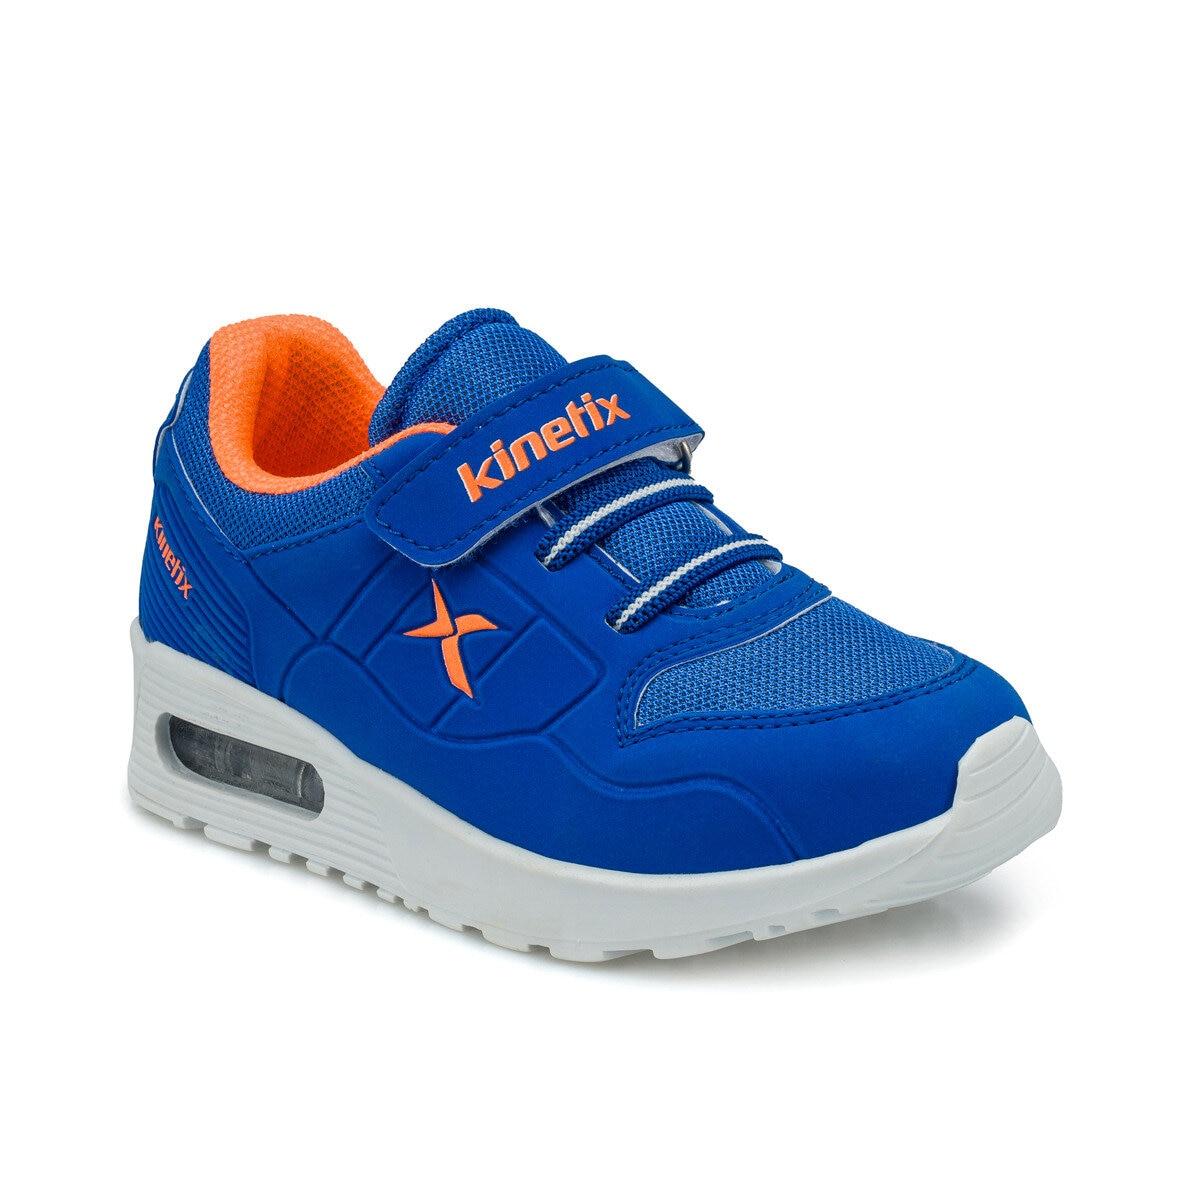 FLO BIRNO Saks Male Child Hiking Shoes KINETIX